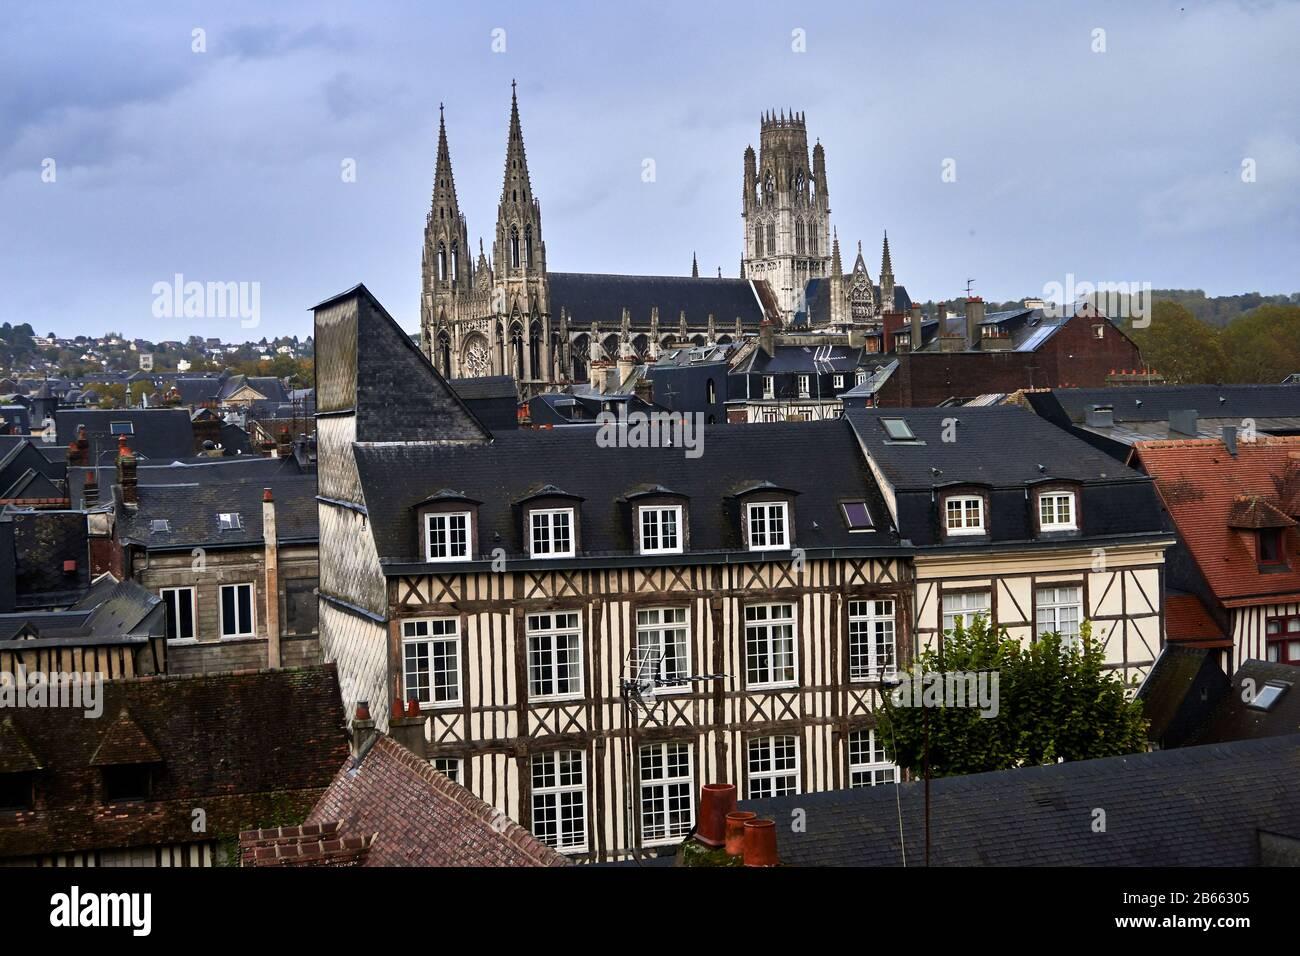 the Rouen Cathedral – known as Notre-Dame de l'Assomption de Rouen is a Roman Catholic church , La magnifique cathédrale gothique de Rouen a la plus haute flèche d'église de France et une richesse d'art, d'histoire et de détails architecturaux Stock Photo